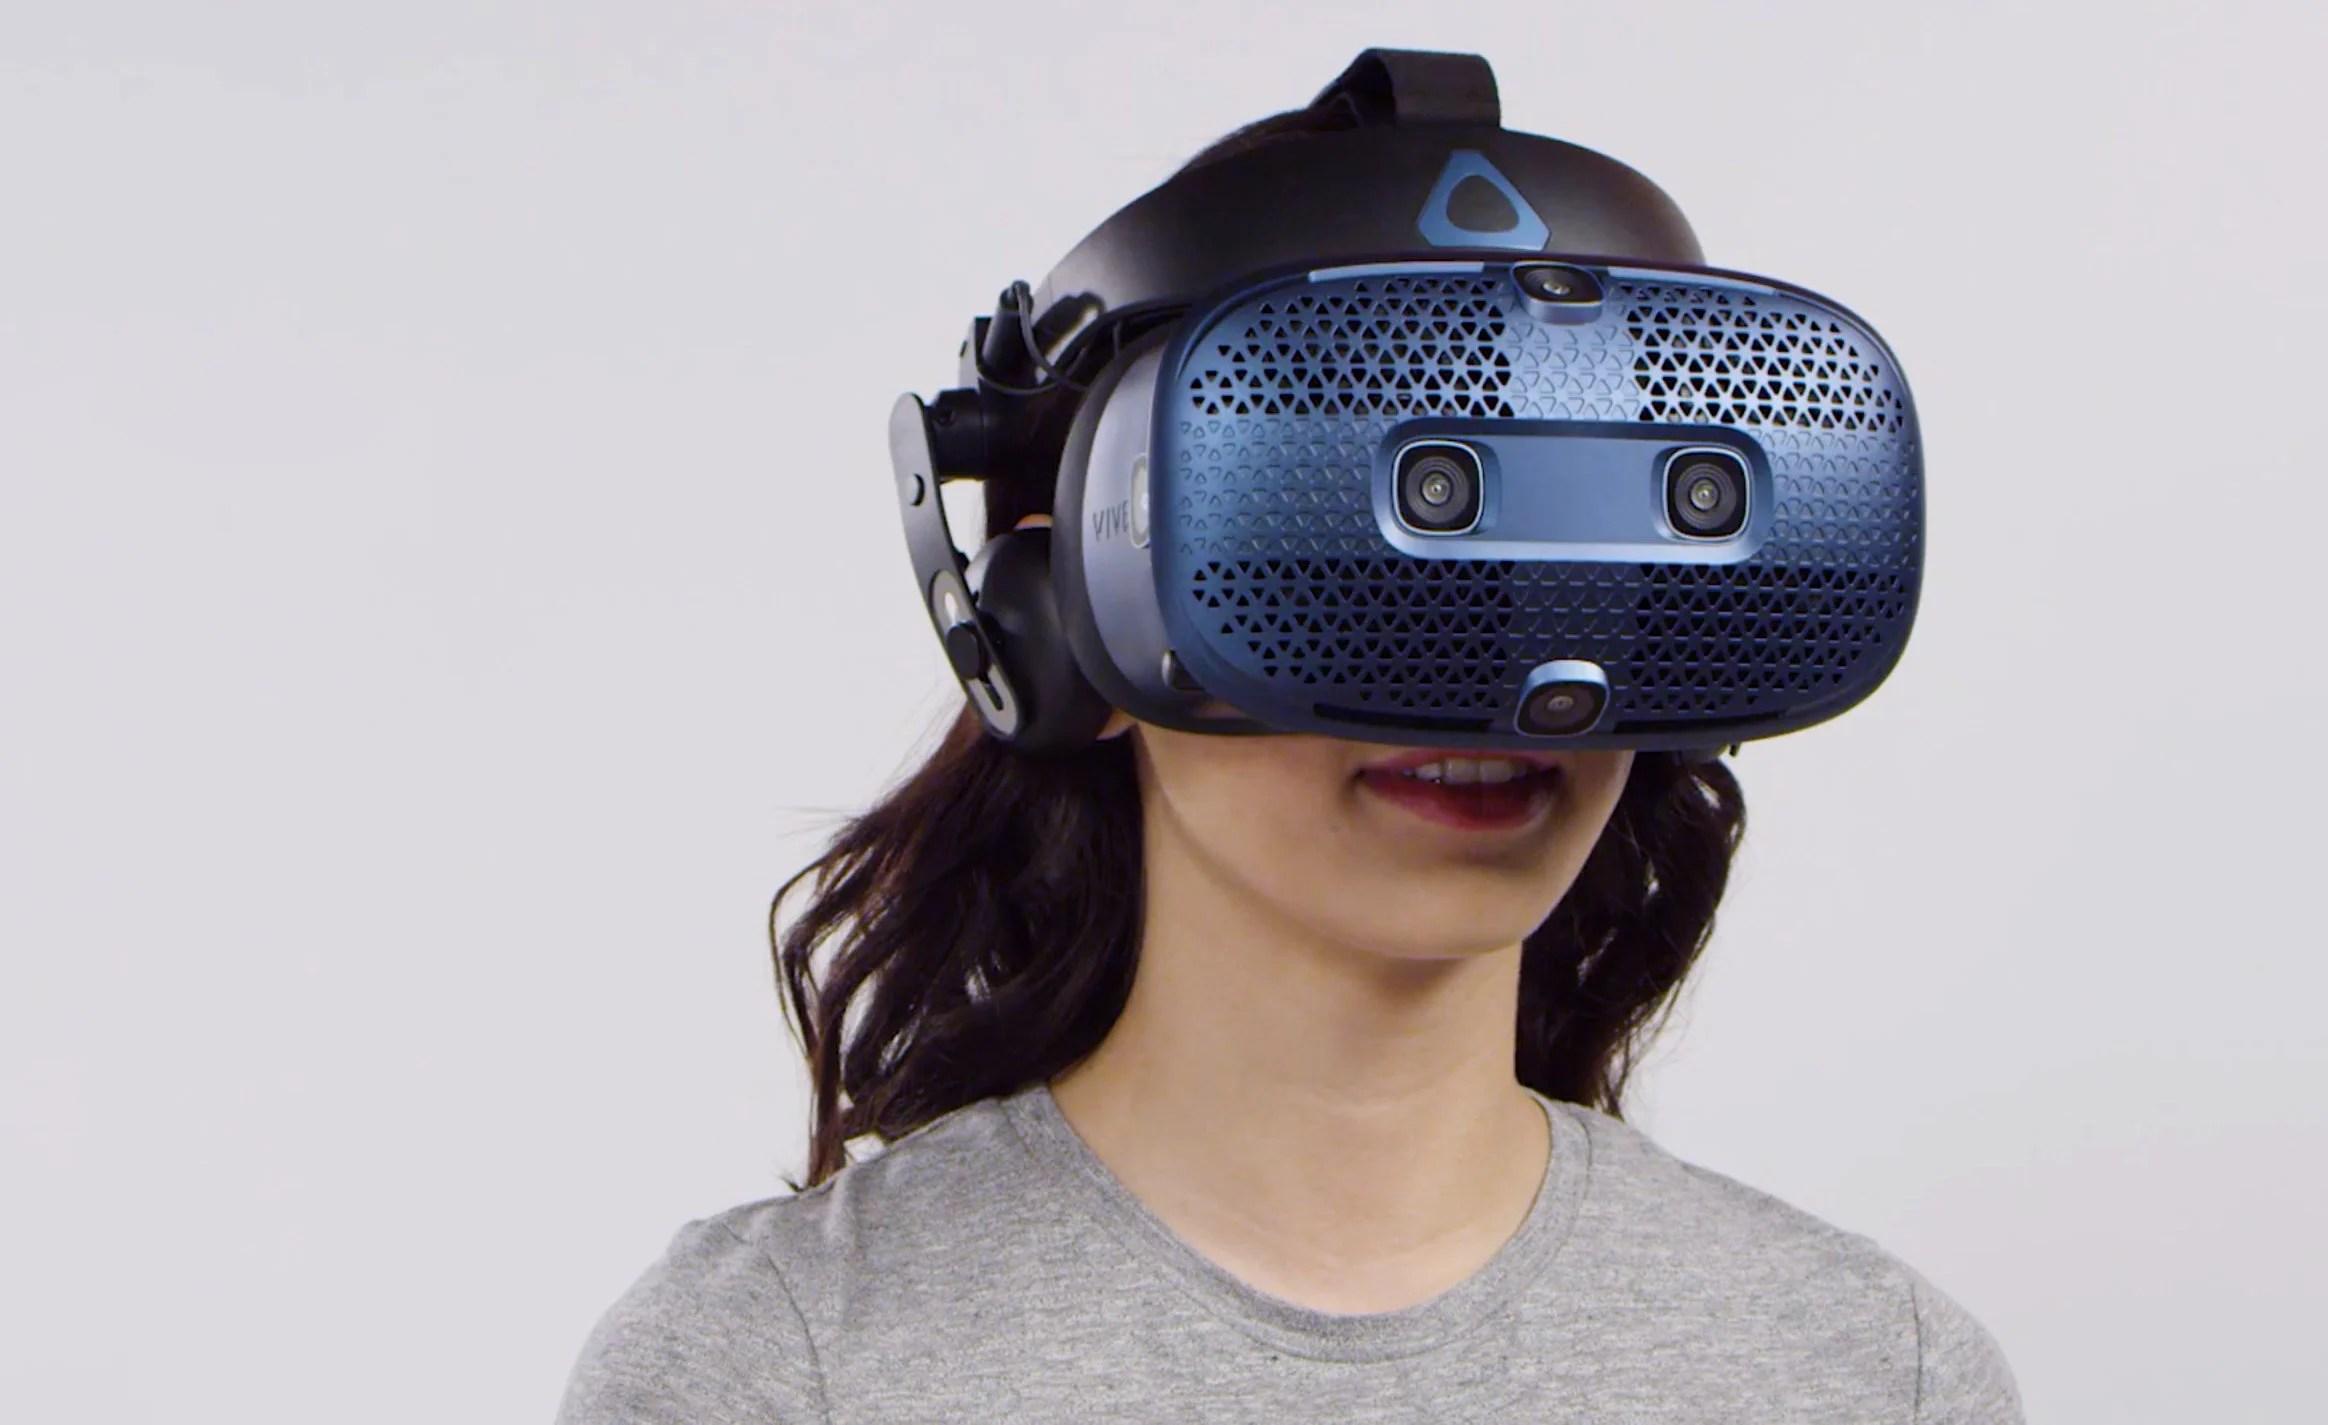 HTC Vive Cosmos : une date et un prix pour le casque VR modulaire